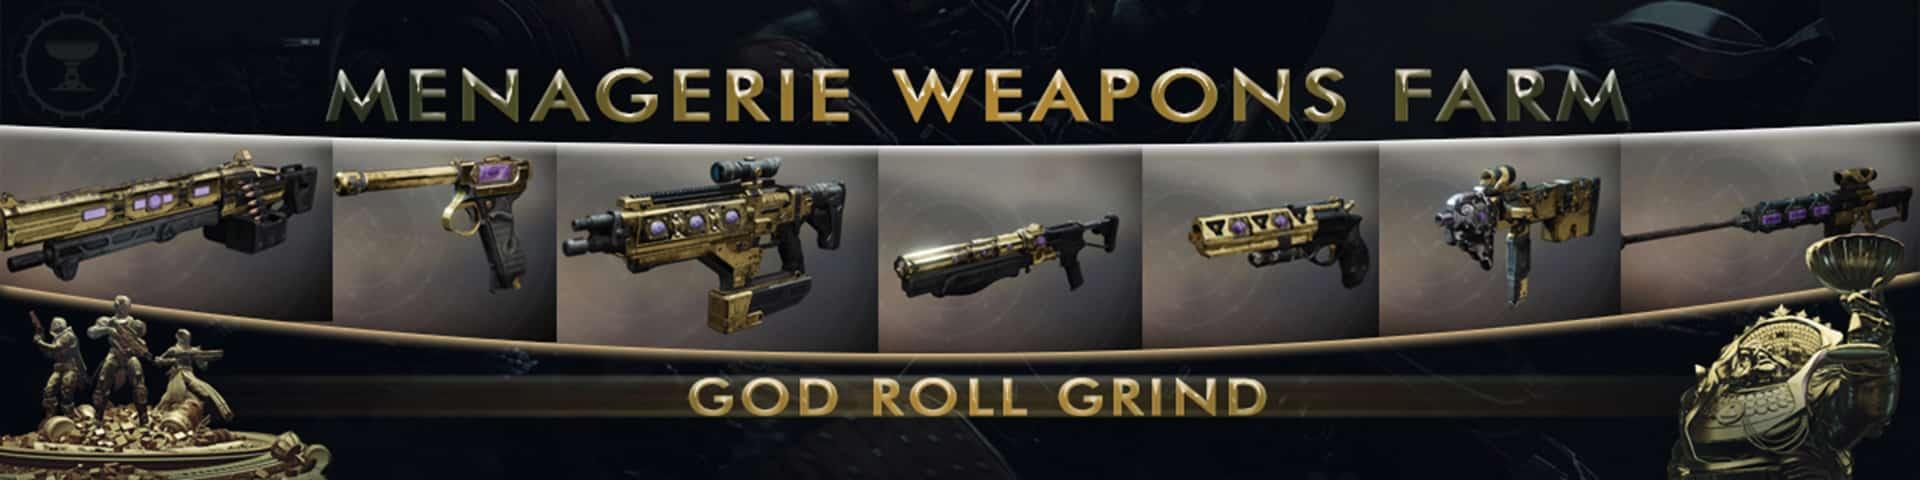 Destiny 2 Menagerie weapons farm 2